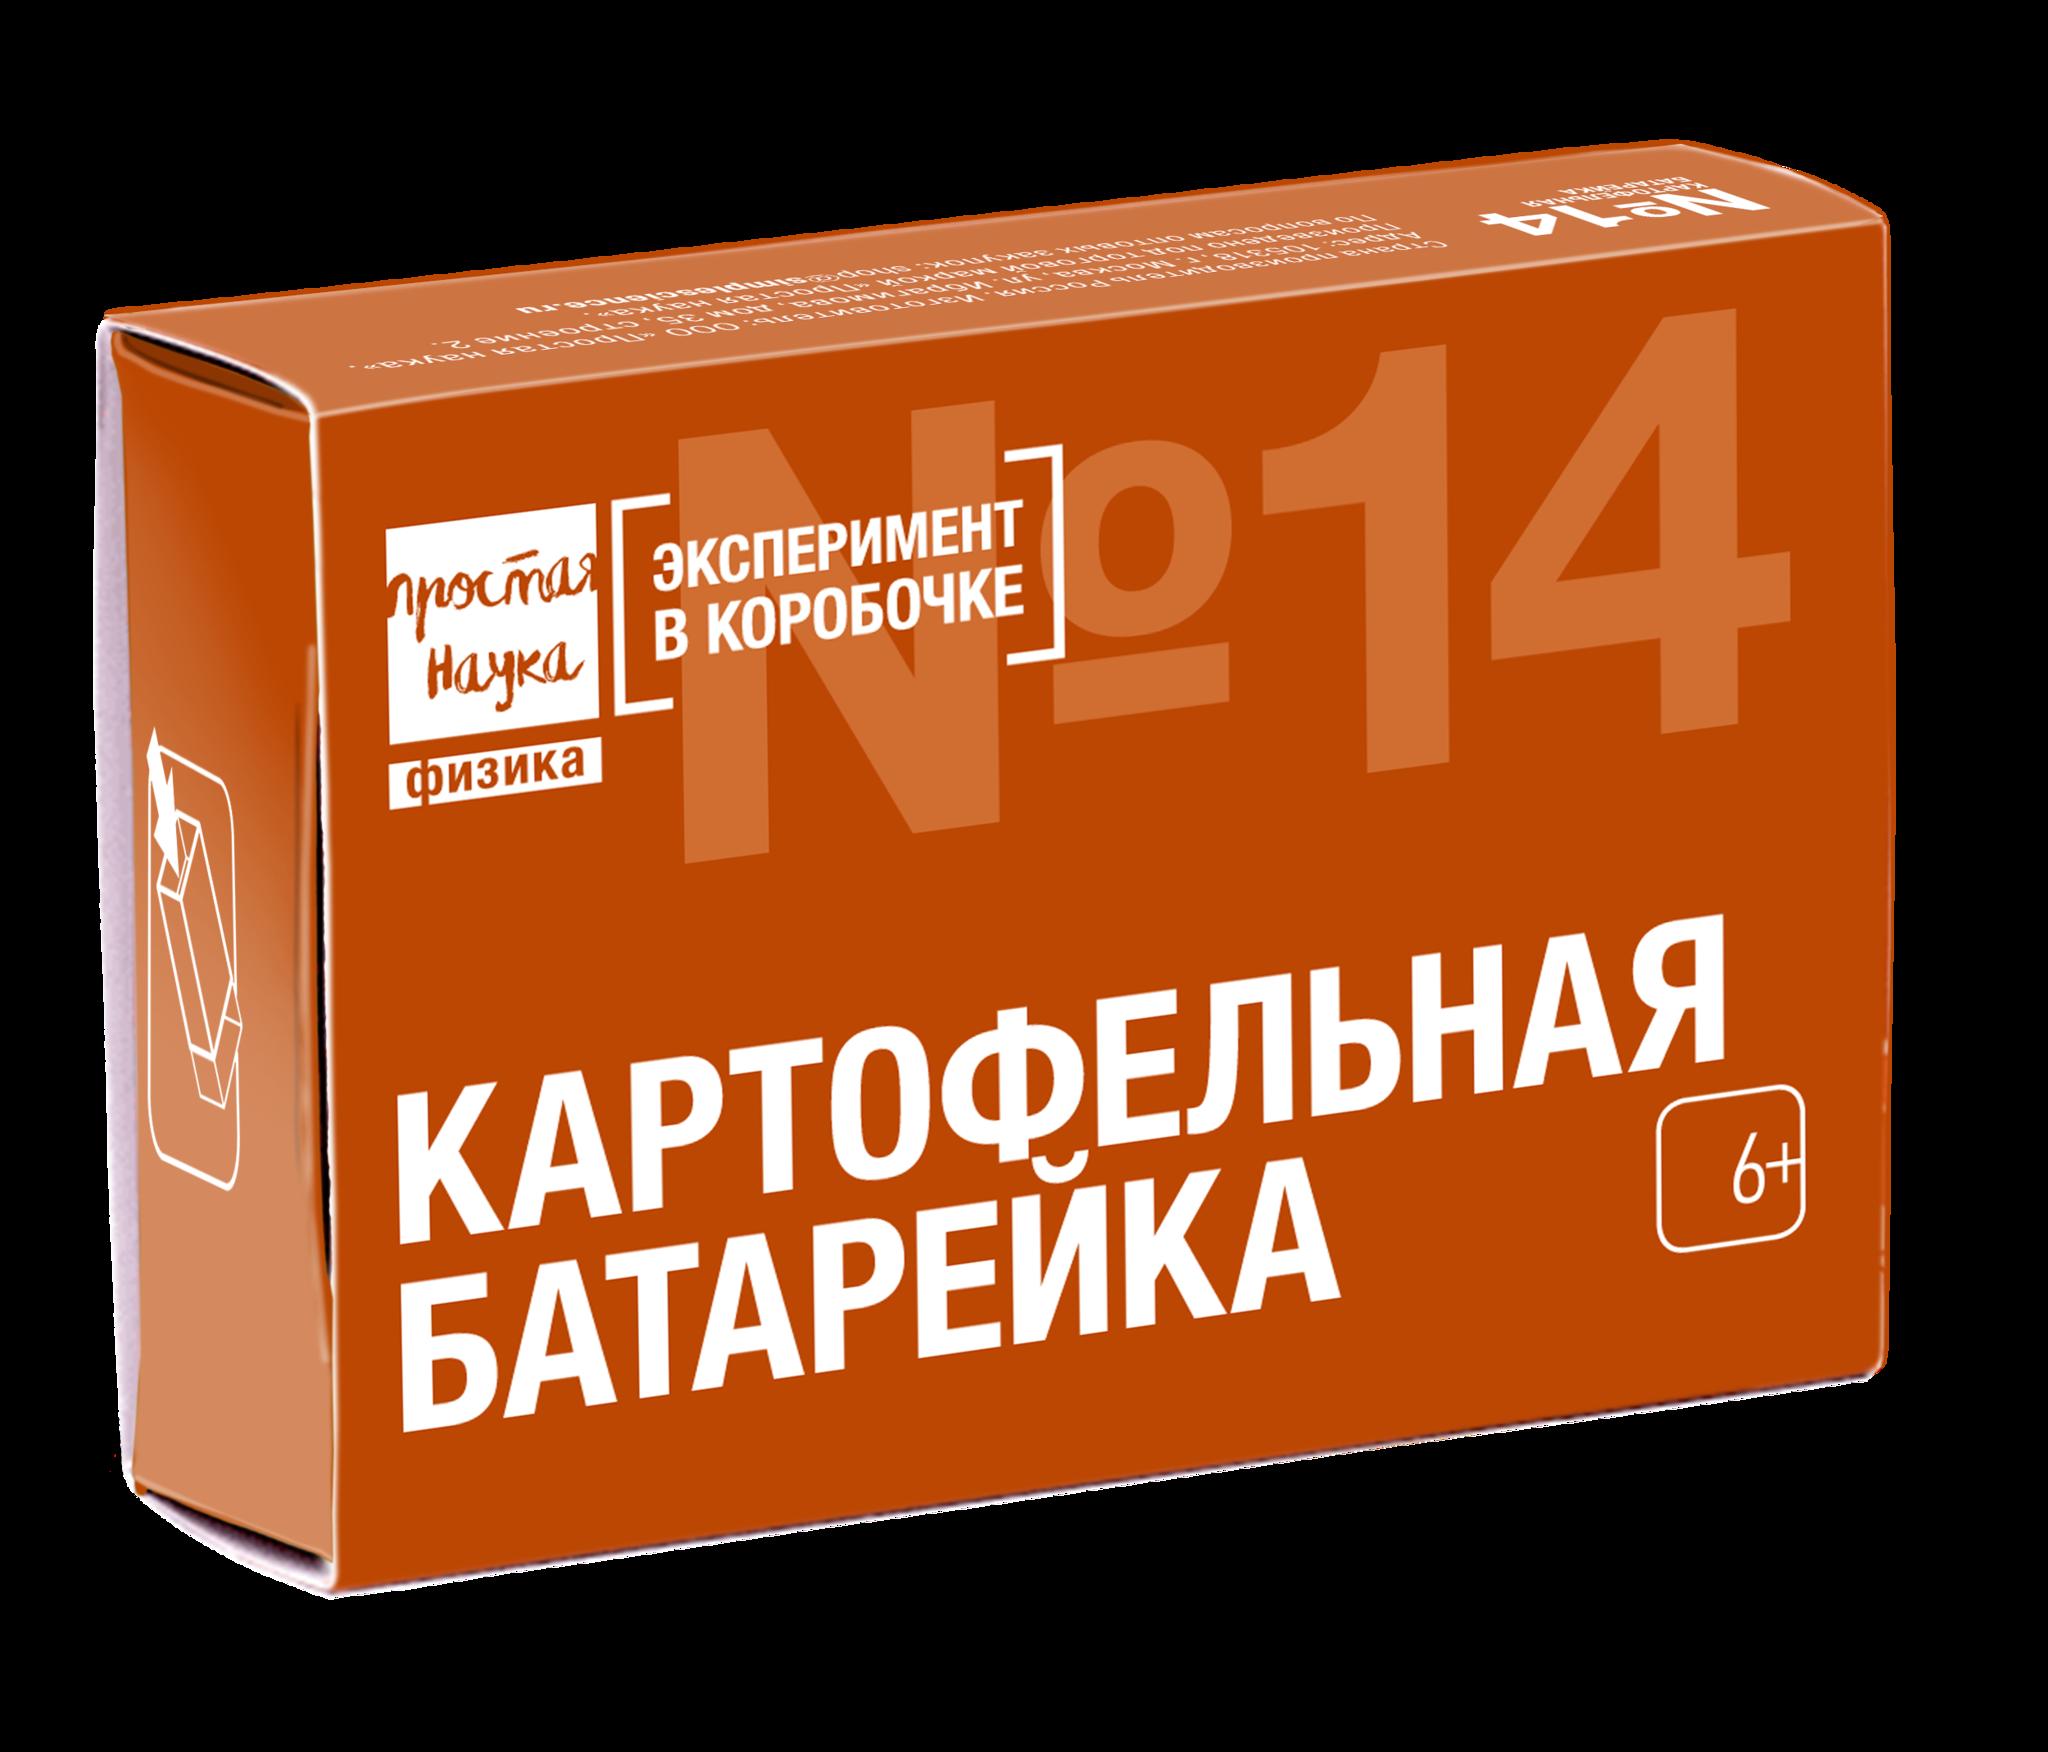 Набор №14 - Картофельная батарейка - Эксперимент в коробочке - Простая Наука